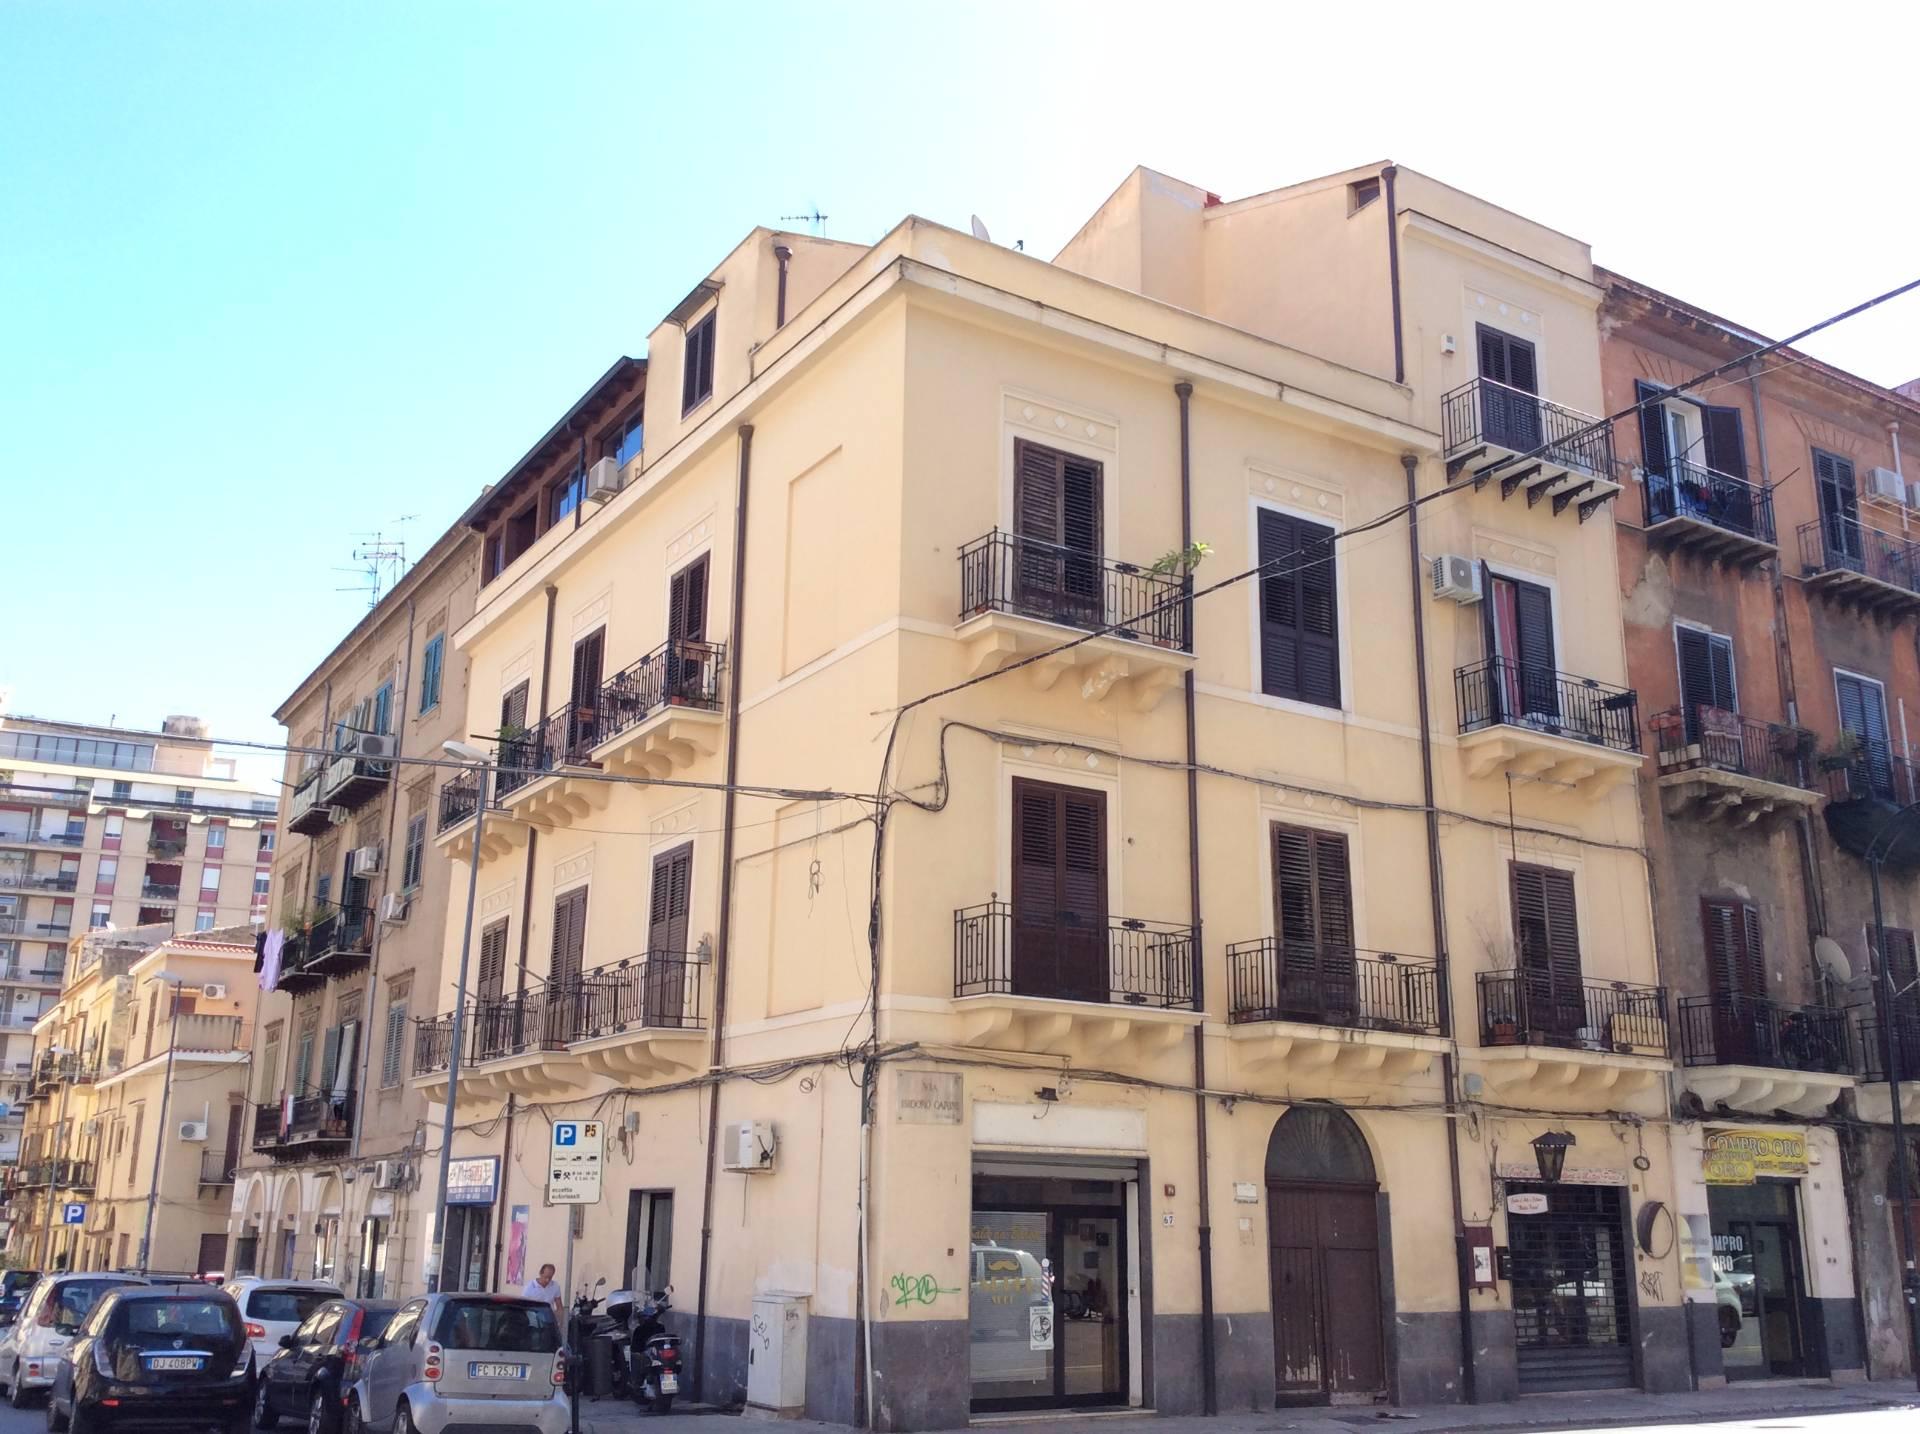 Appartamento in affitto a Palermo, 4 locali, zona Zona: Libertà, prezzo € 650 | CambioCasa.it